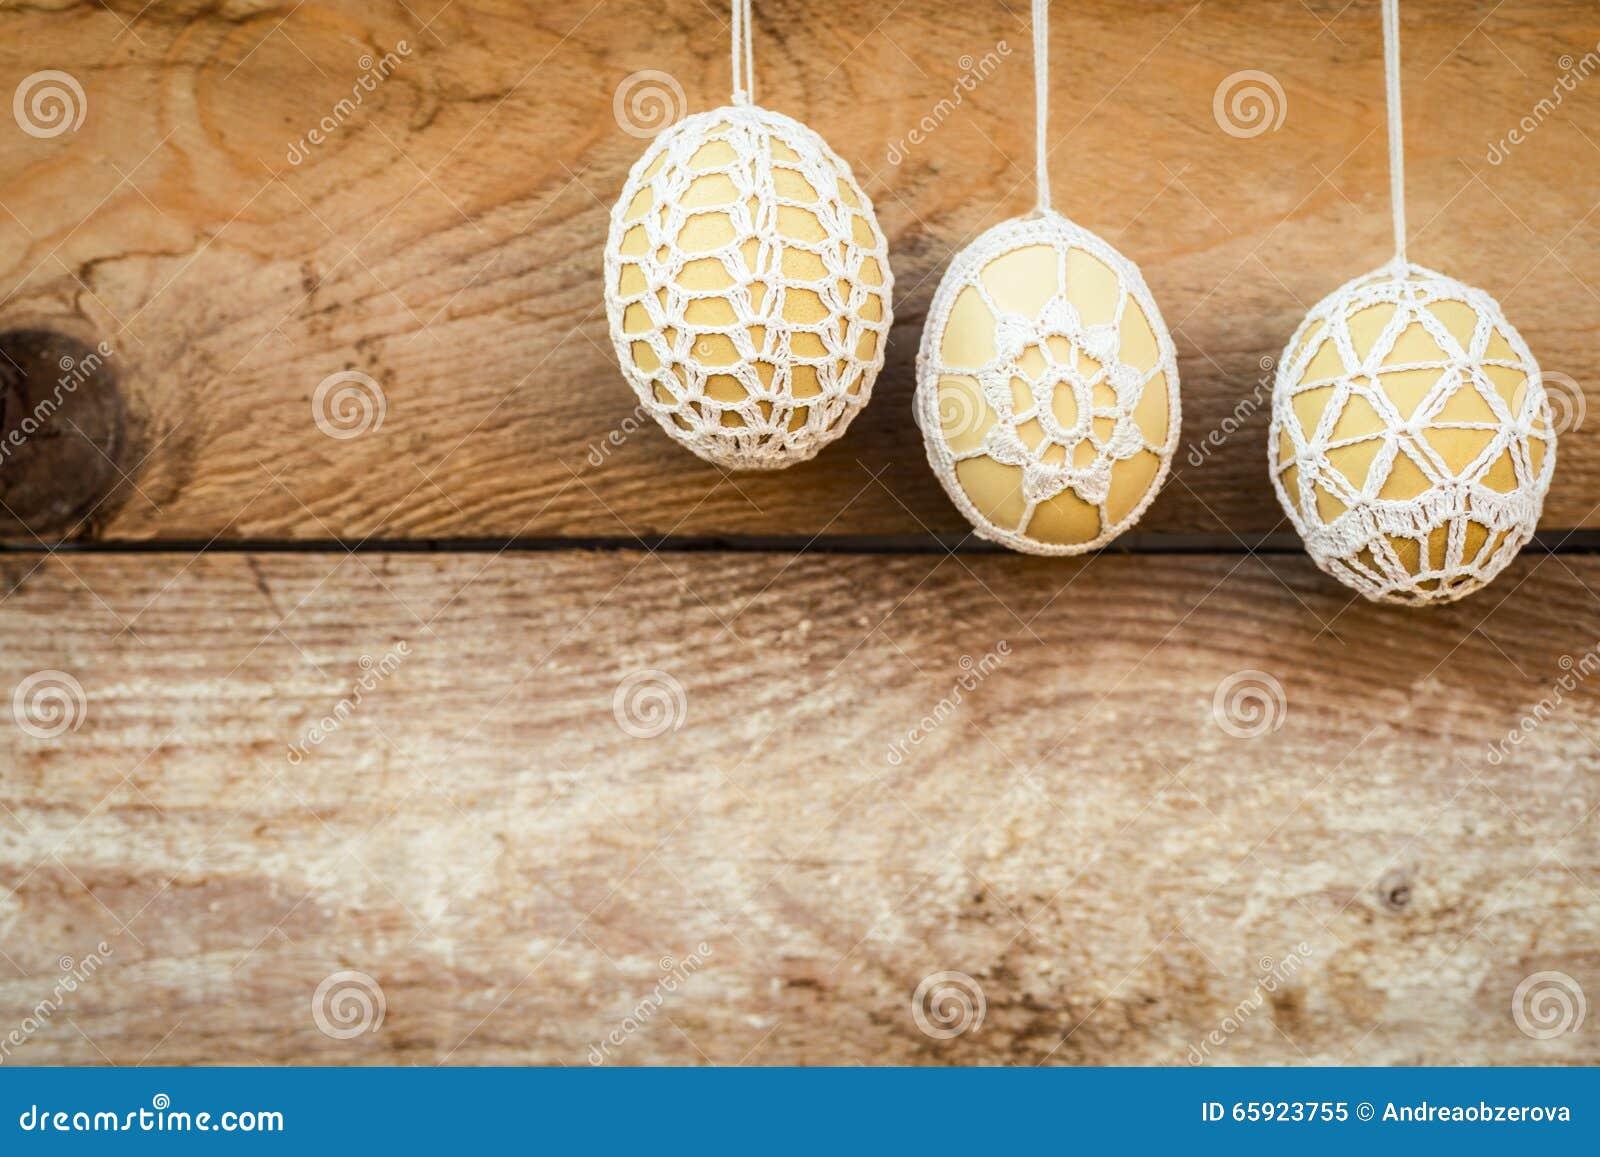 Crochet Pattern Easter Eggs Stock Image